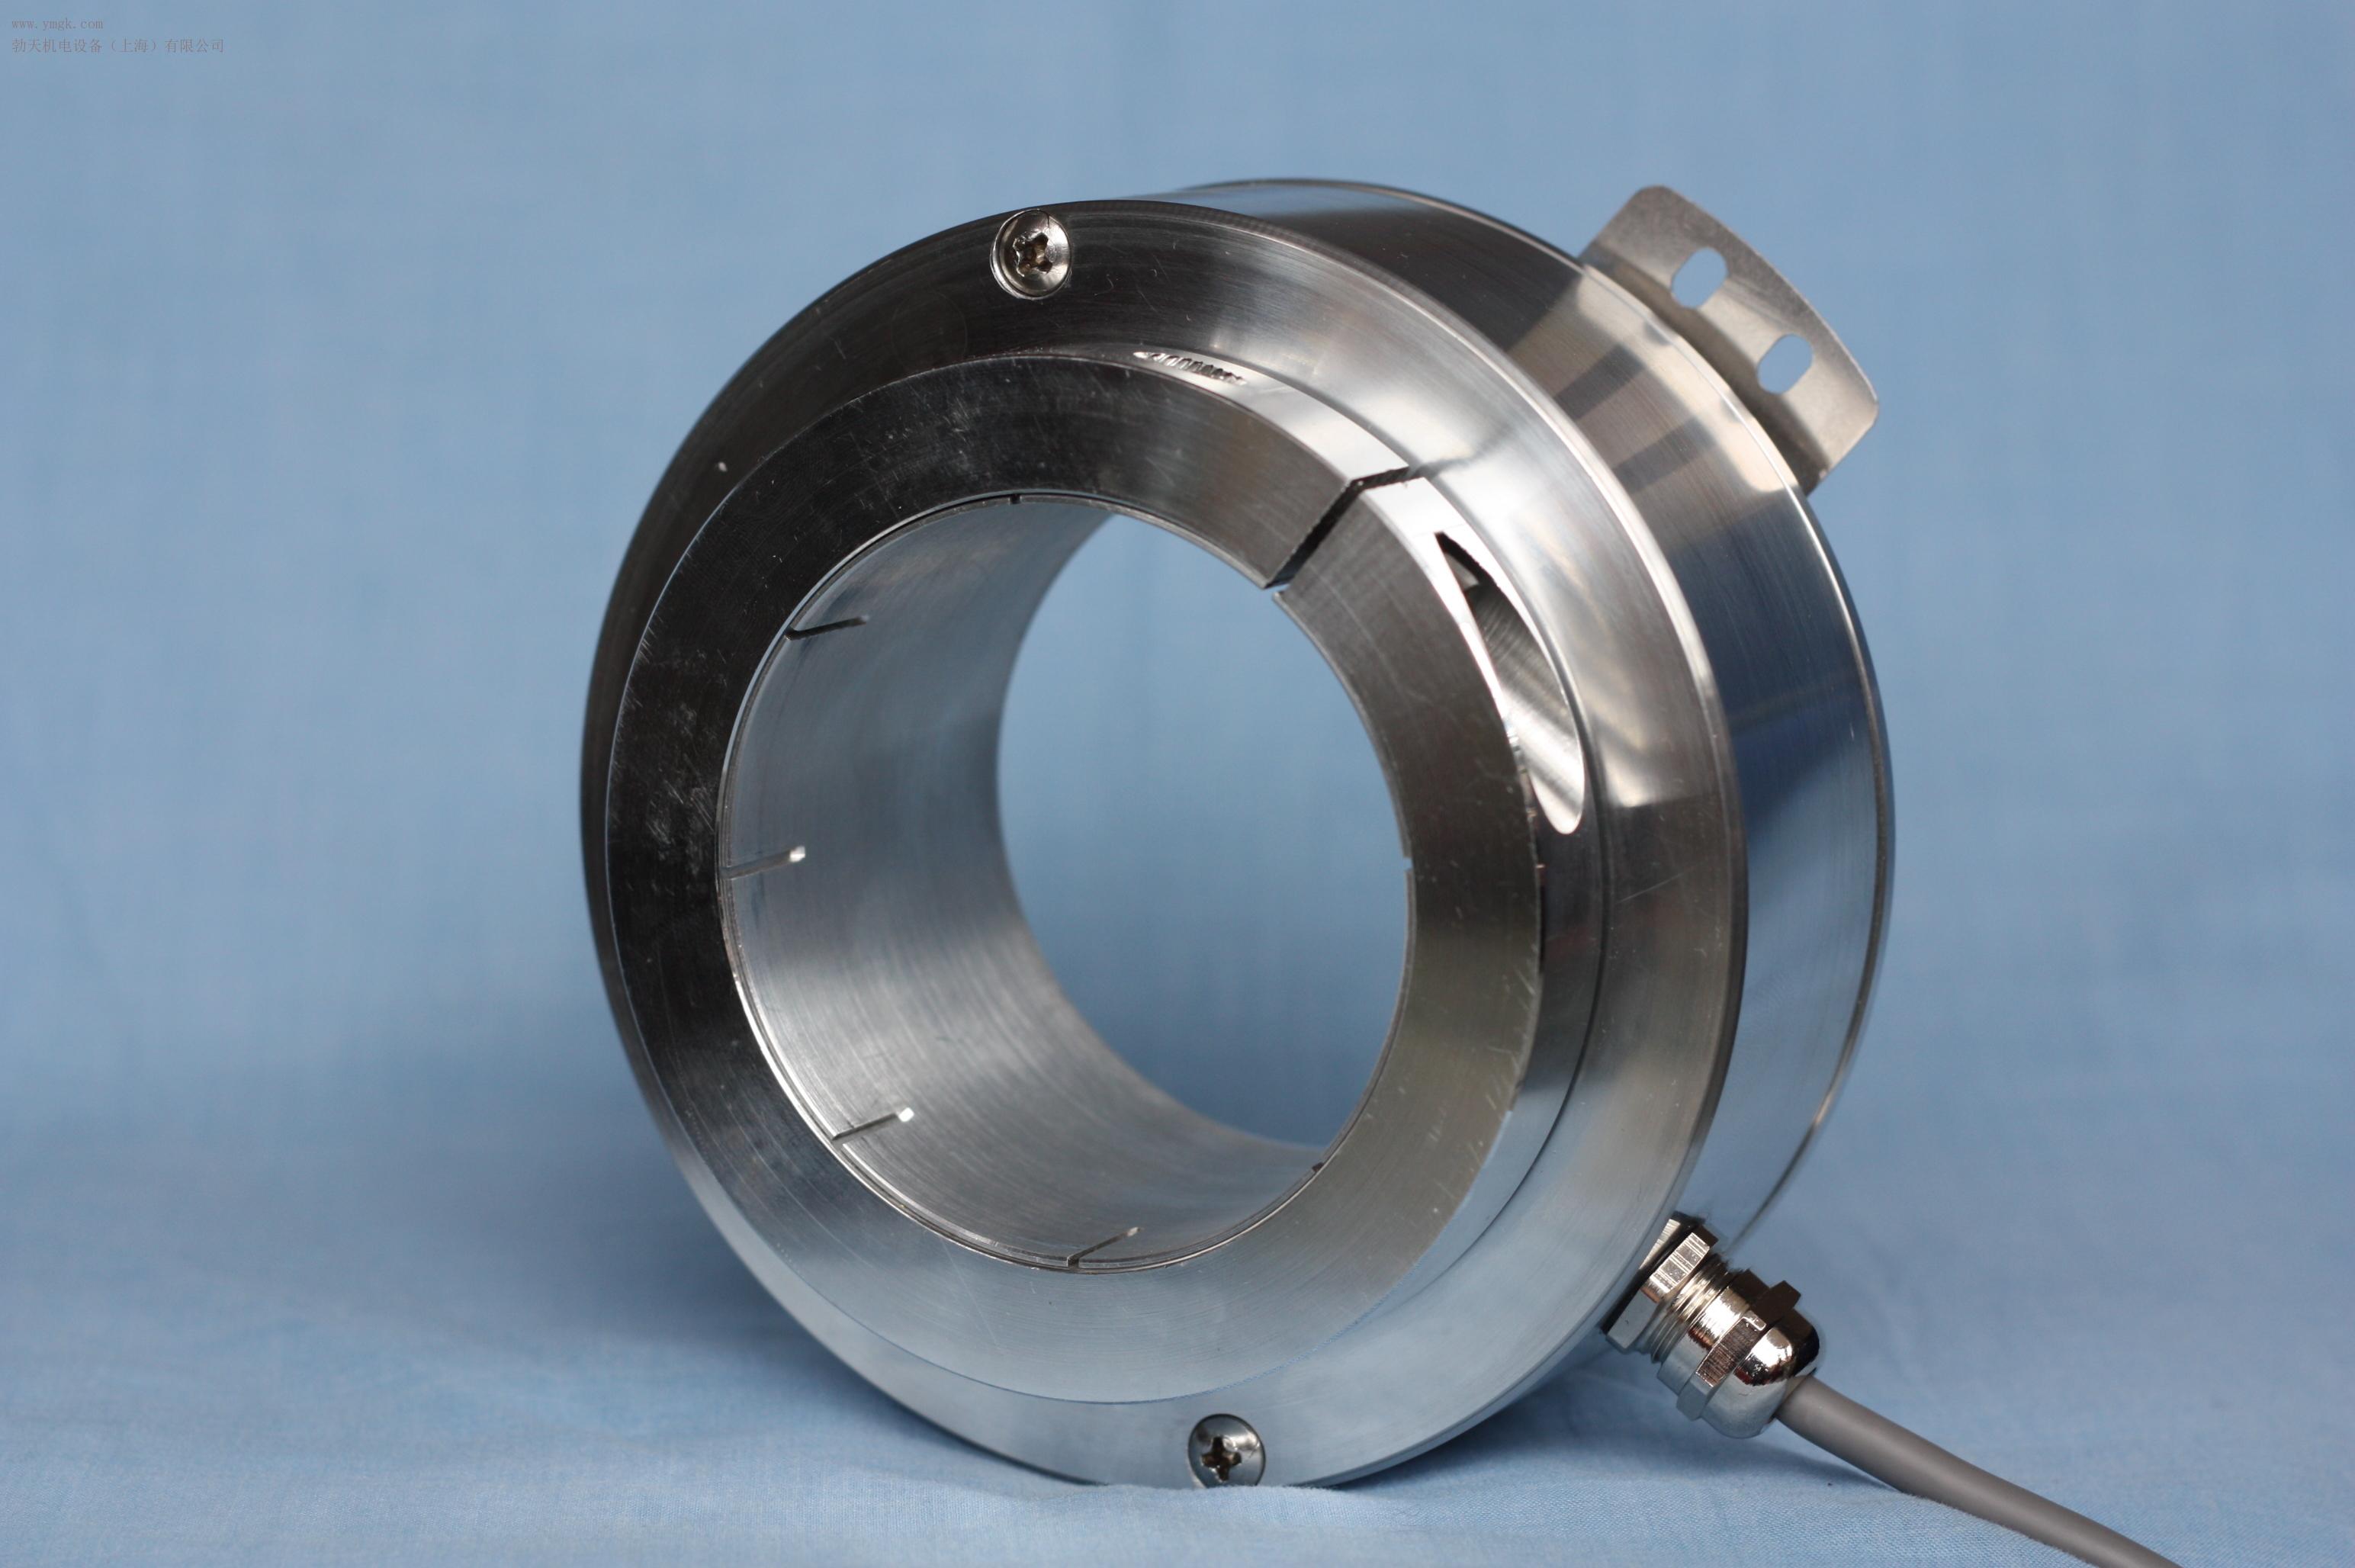 18mm轴径多圈绝对值编码器 单圈防水型0-5v信号编码器 单圈 ssi同步